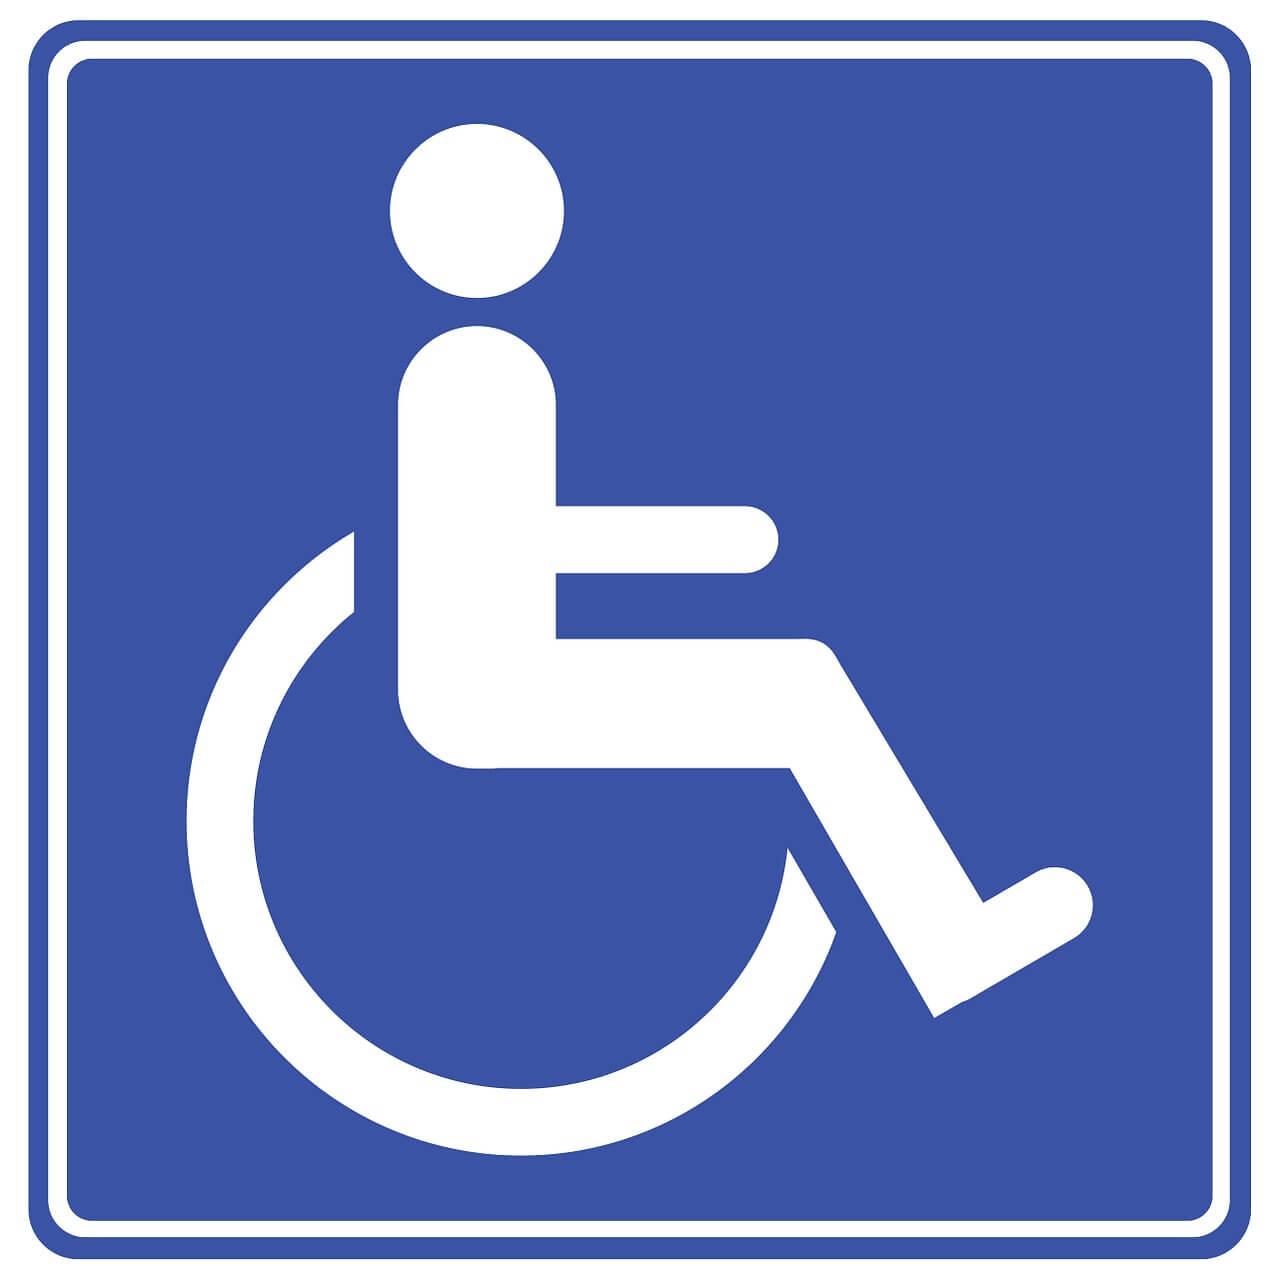 頸椎損傷(C6)による車へのトランス&積み込み(固定車・リジット)